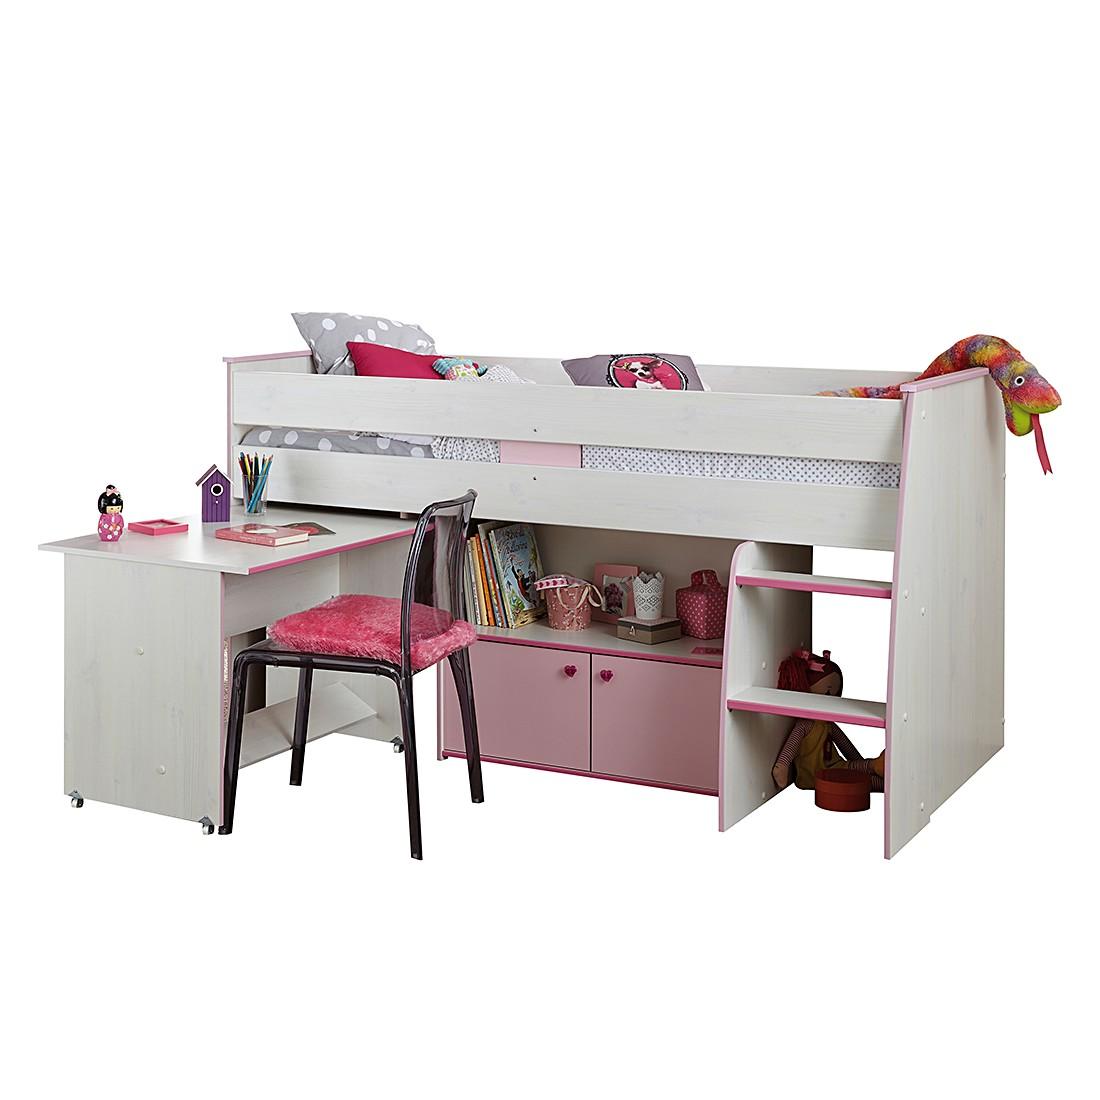 Home 24 - Lit mezzanine zoé - imitation pin blanc, parisot meubles